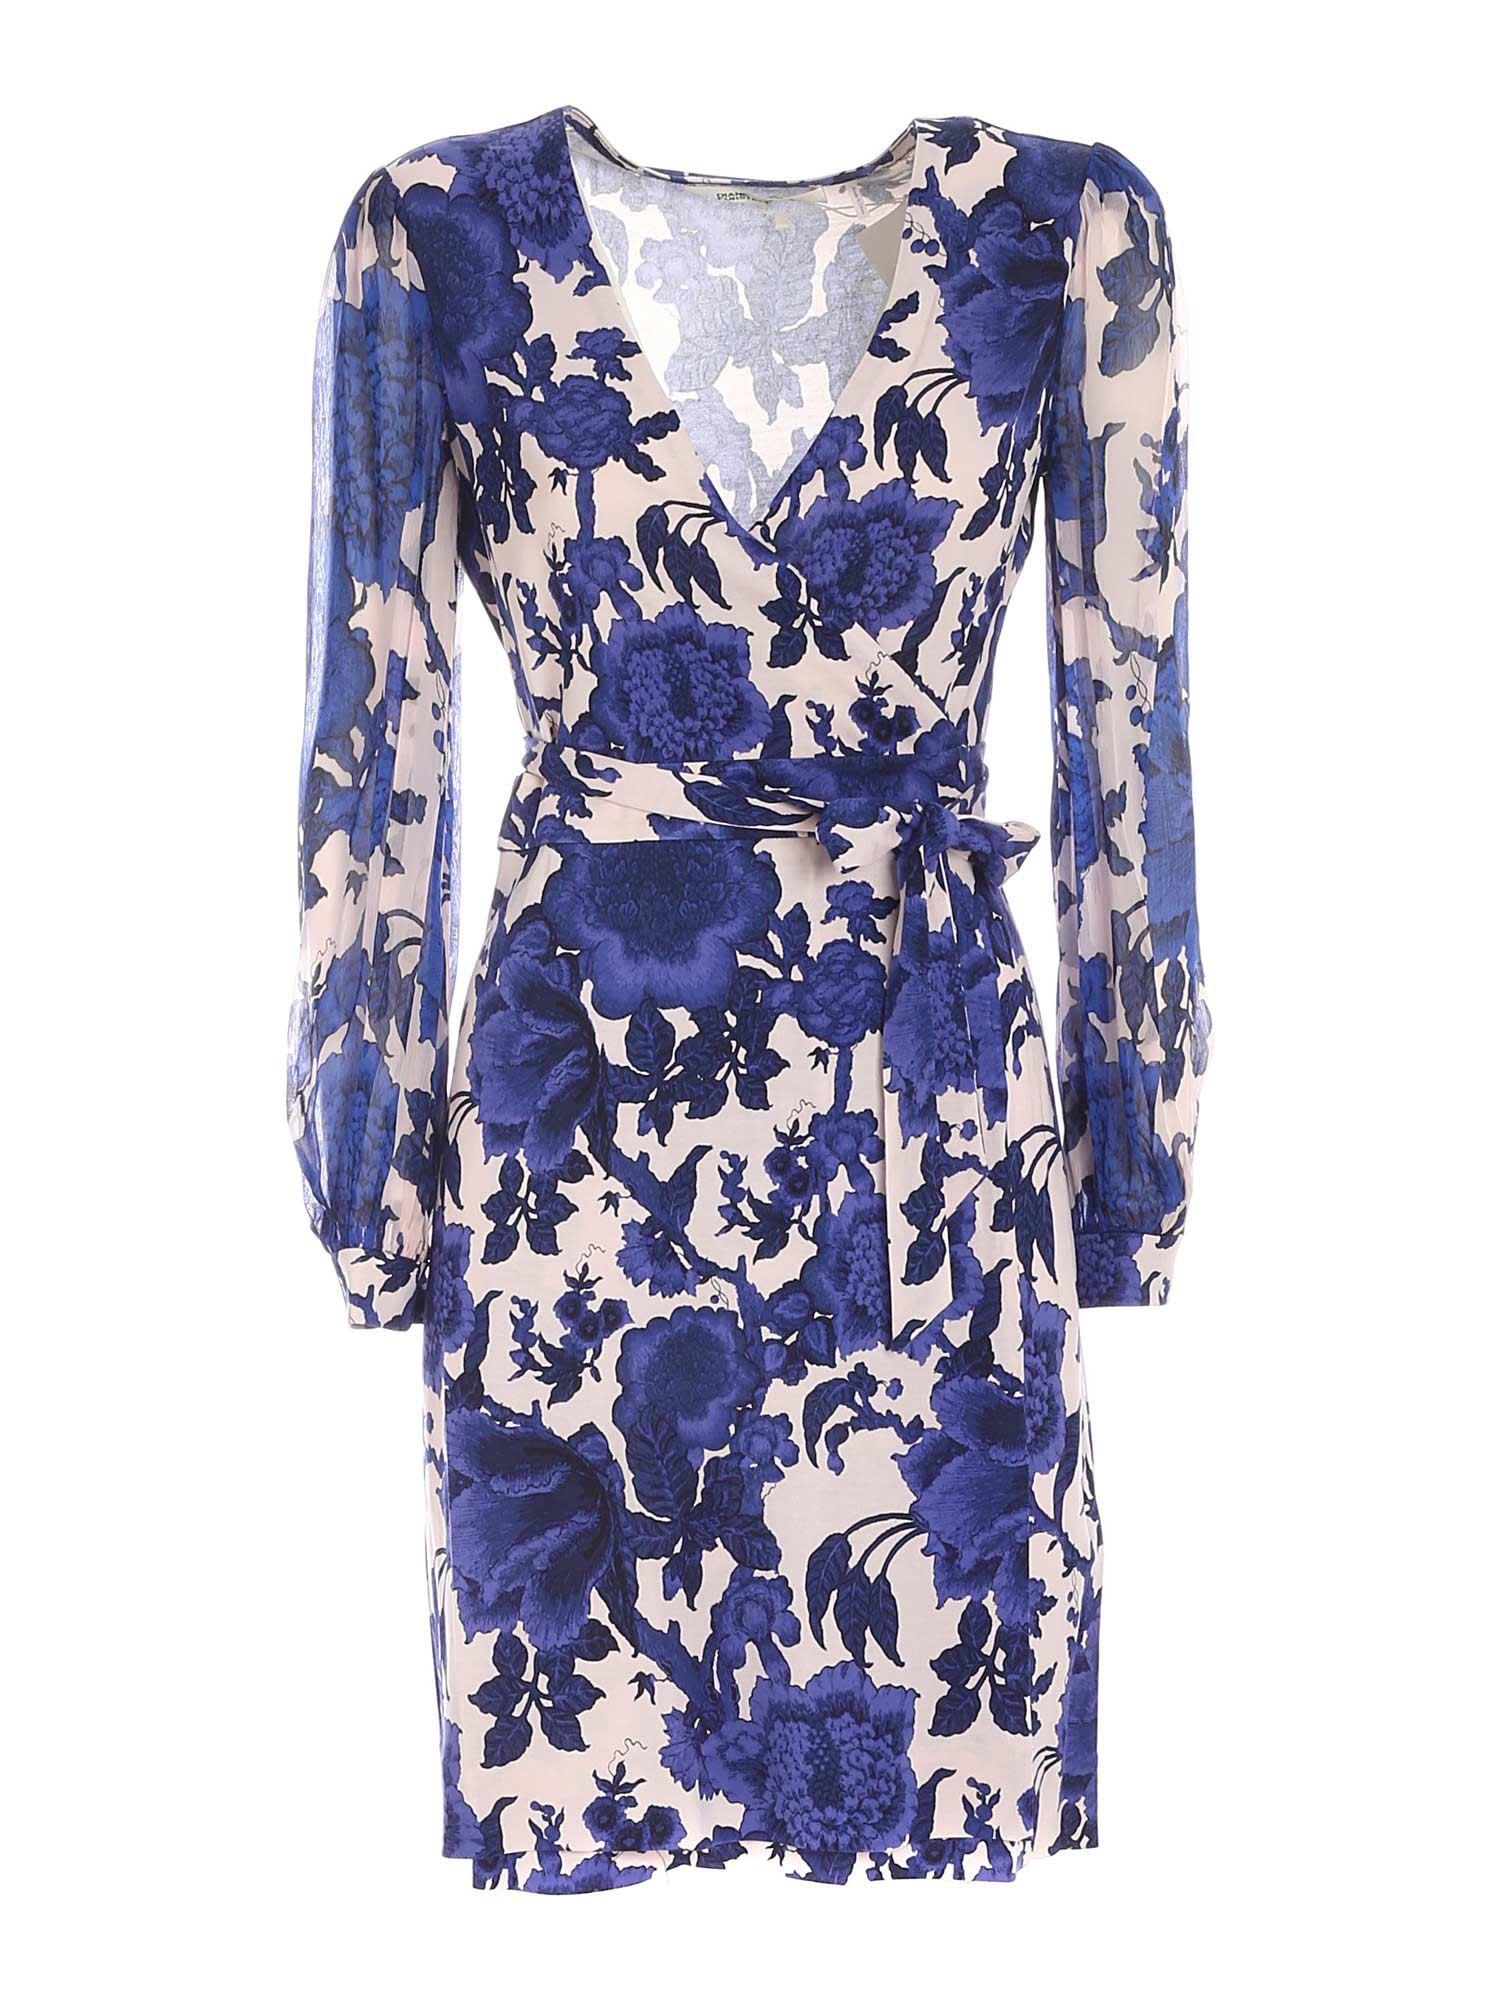 Diane Von Furstenberg – Gala Dress